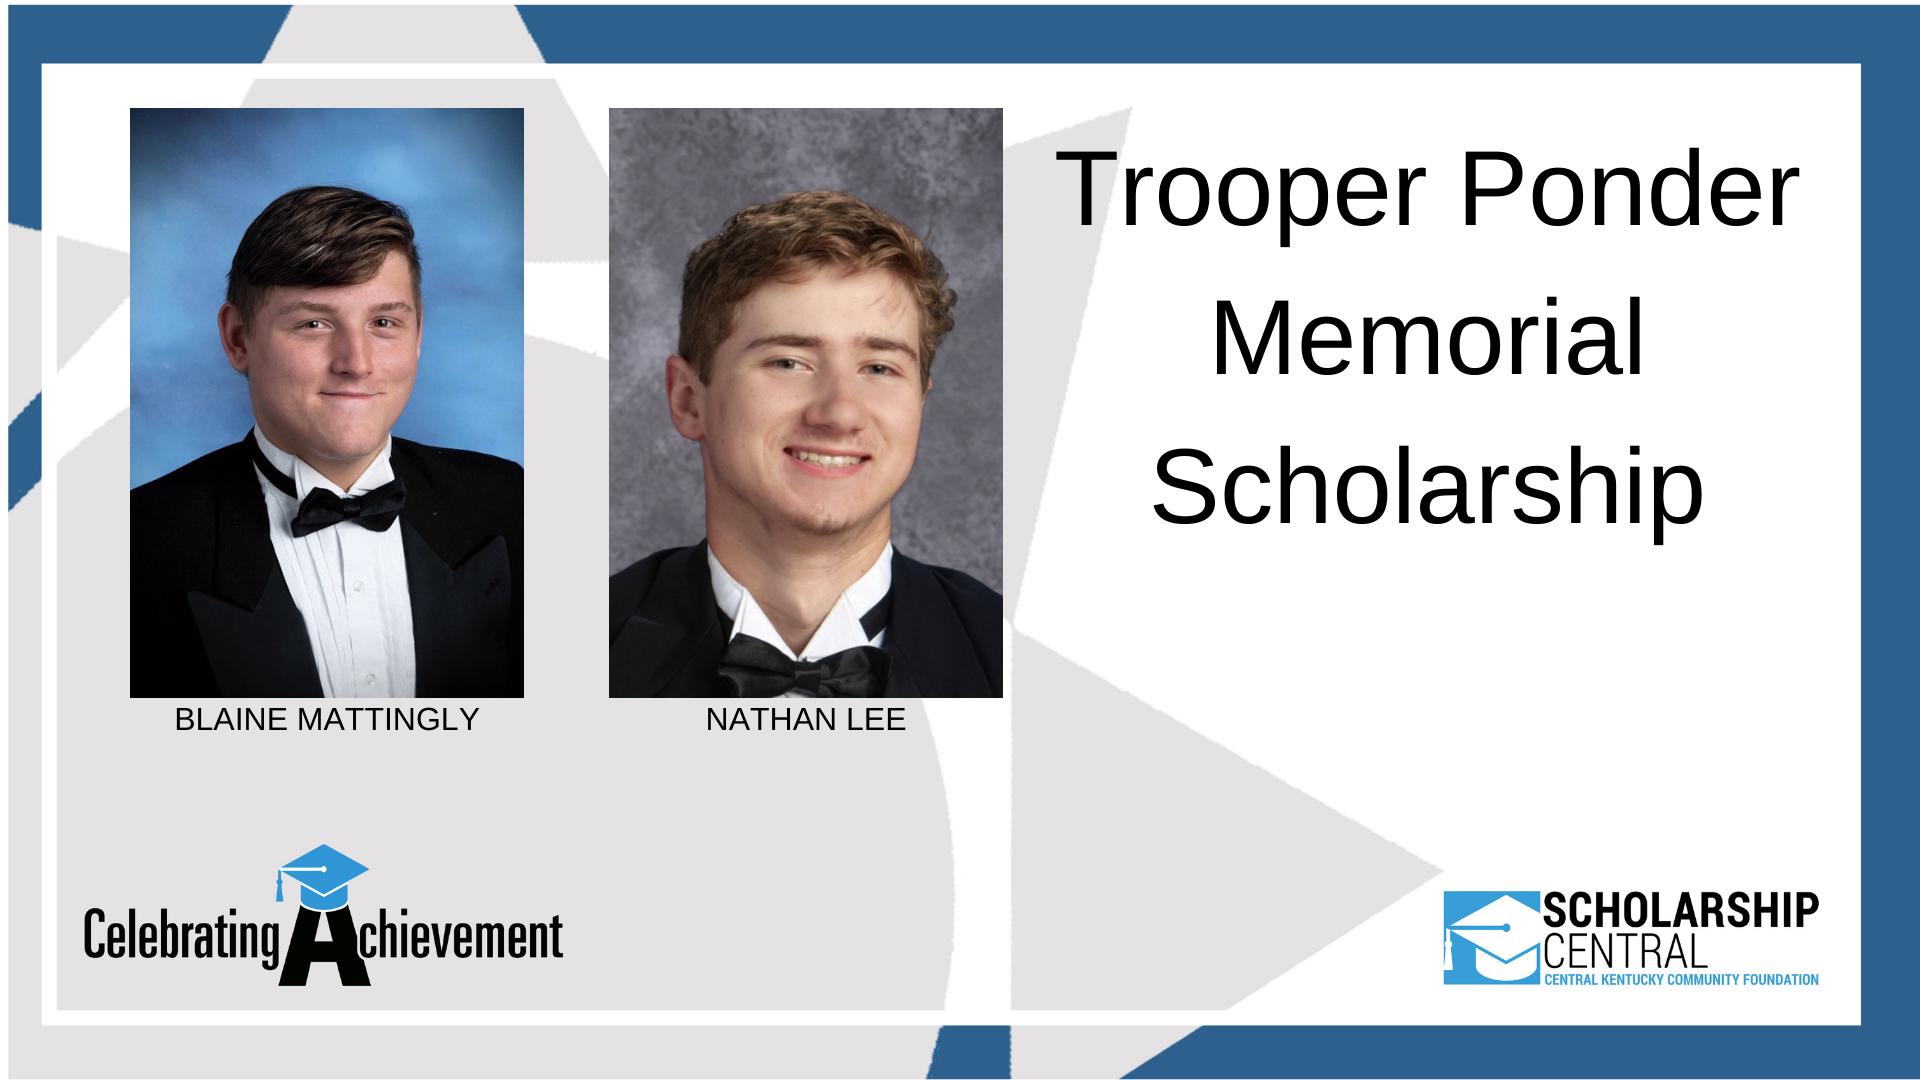 Trooper Ponder Memorial Scholarship Winners